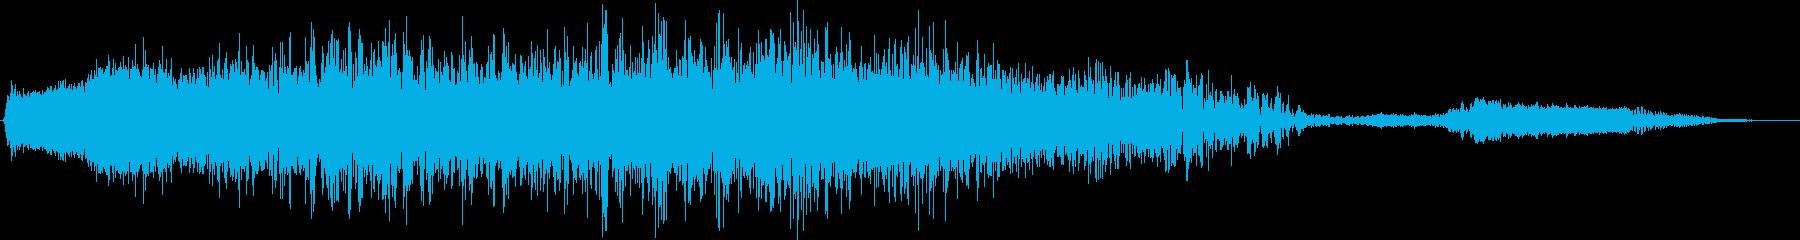 高速テキストブラストインテンスフェ...の再生済みの波形